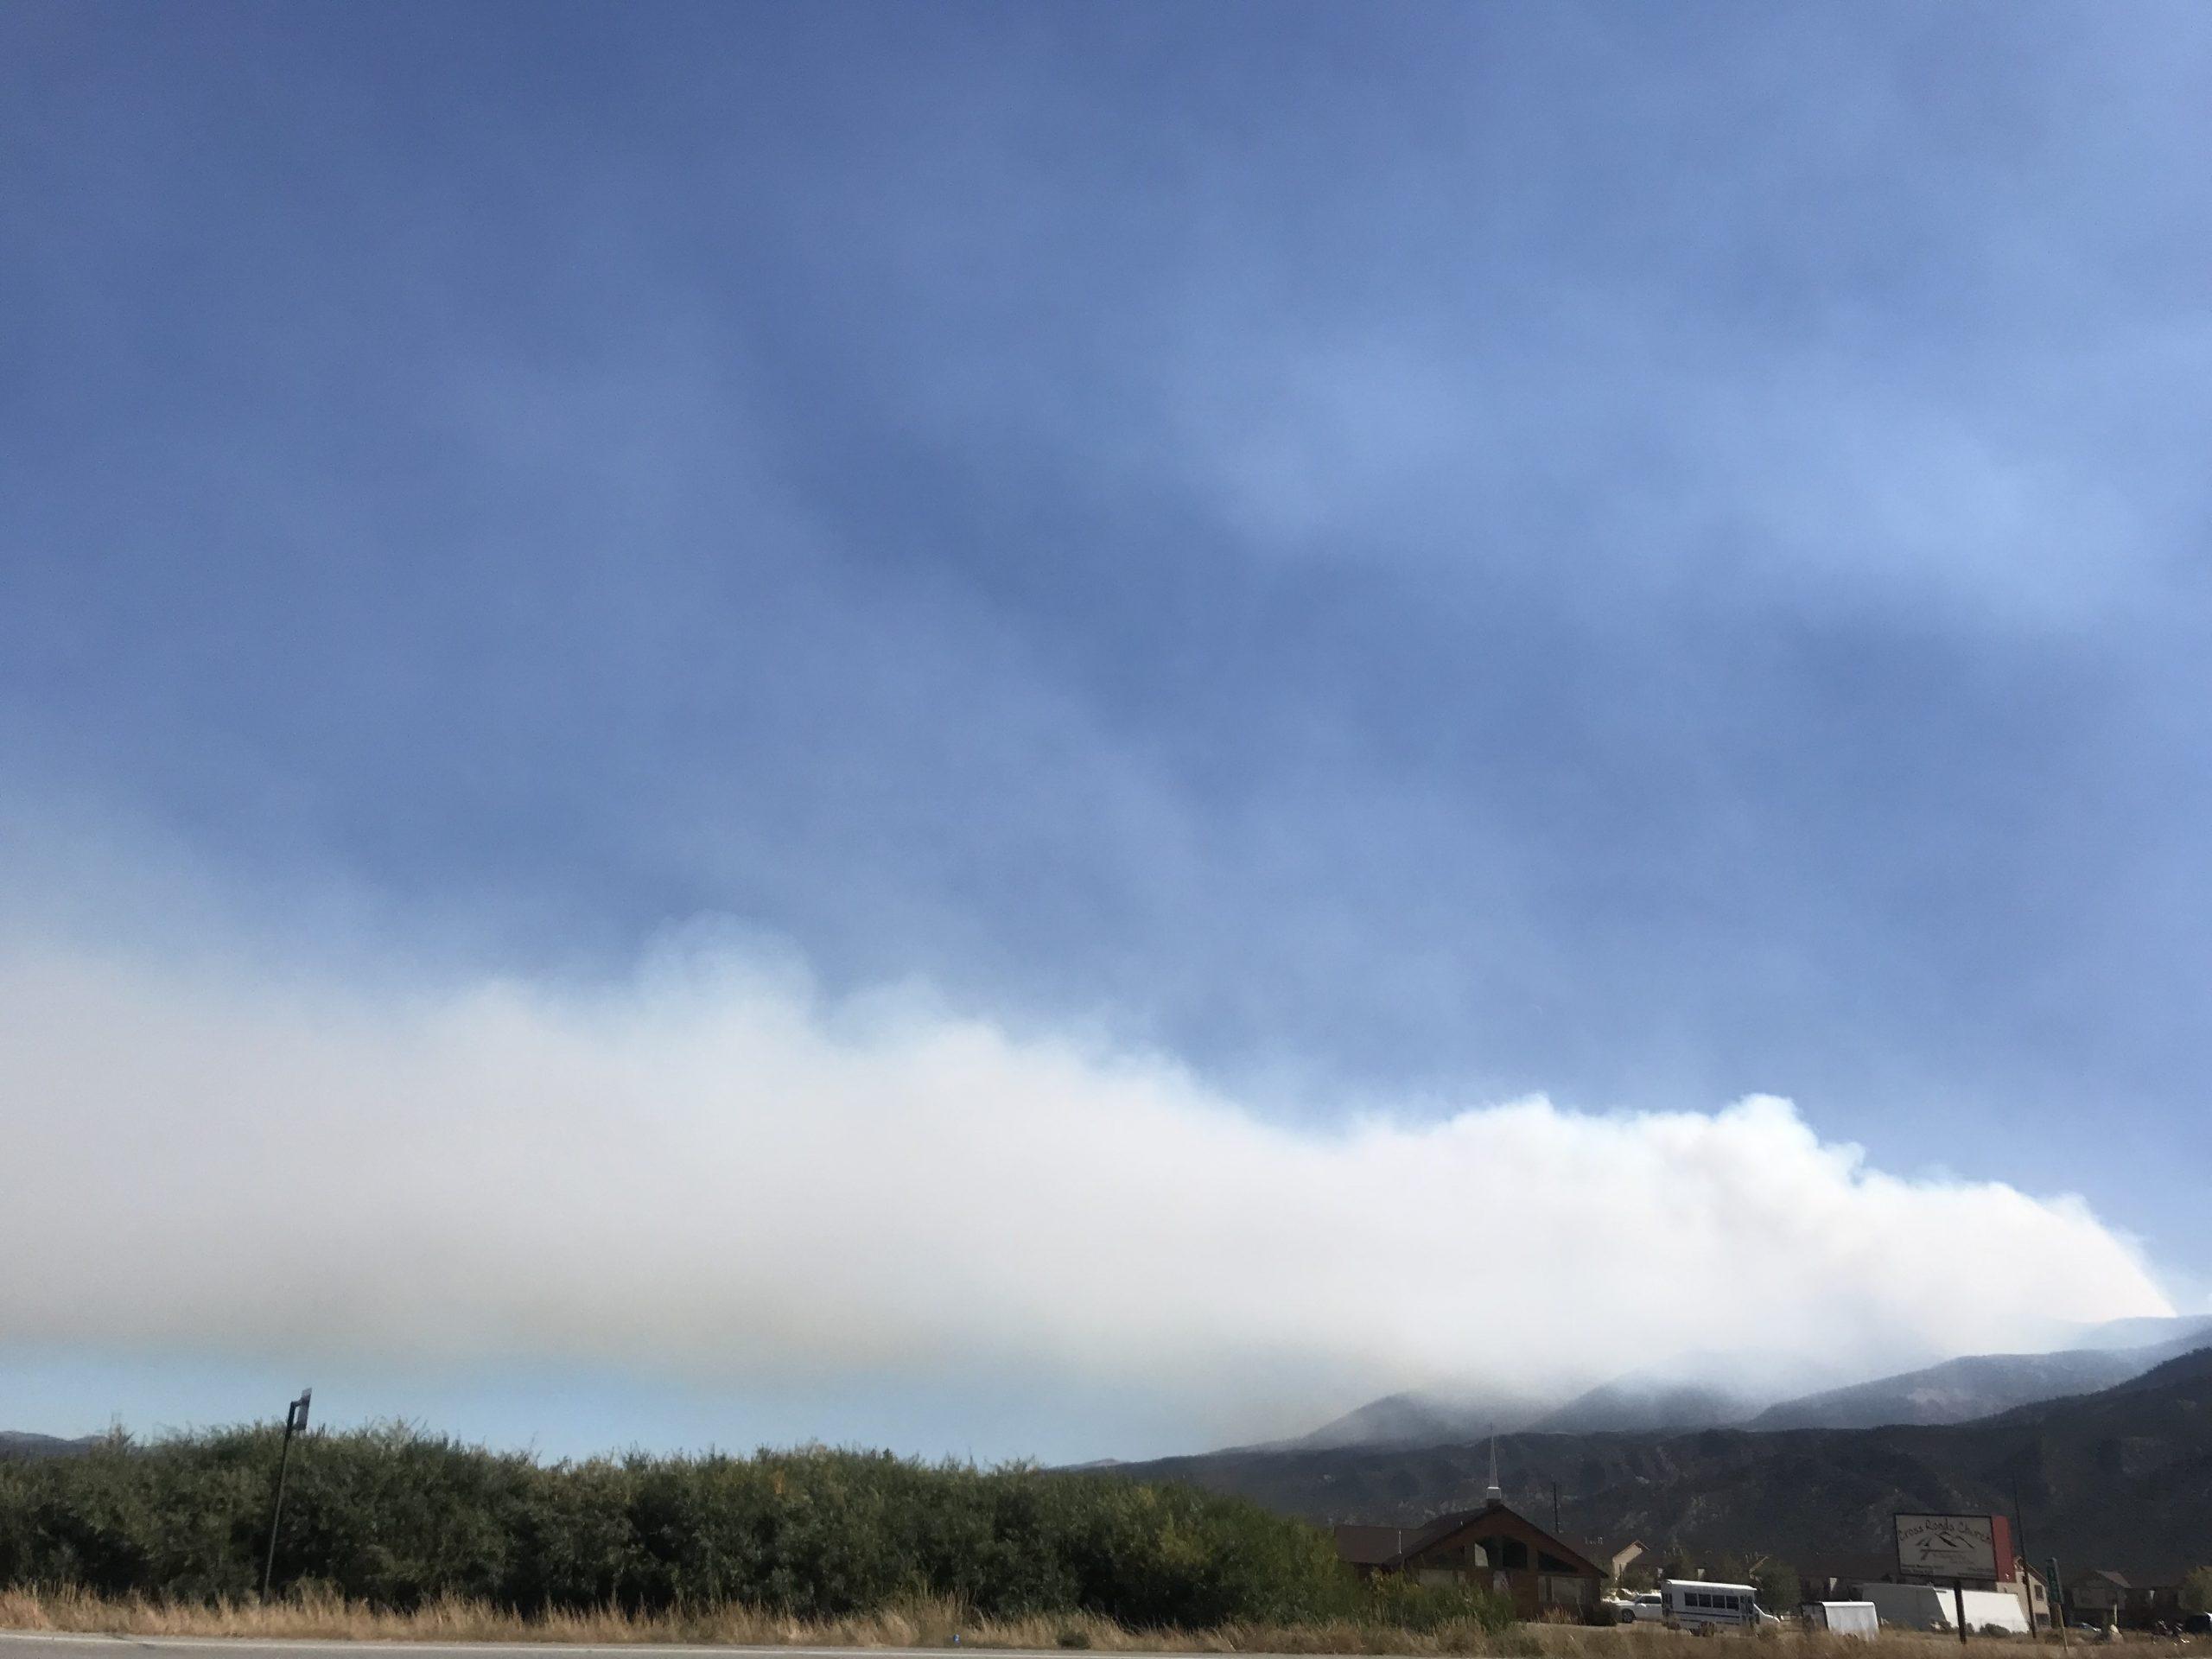 Smoke from the fire. Photo taken Thursday, October 3, 2019 near Nathrop, Colo.